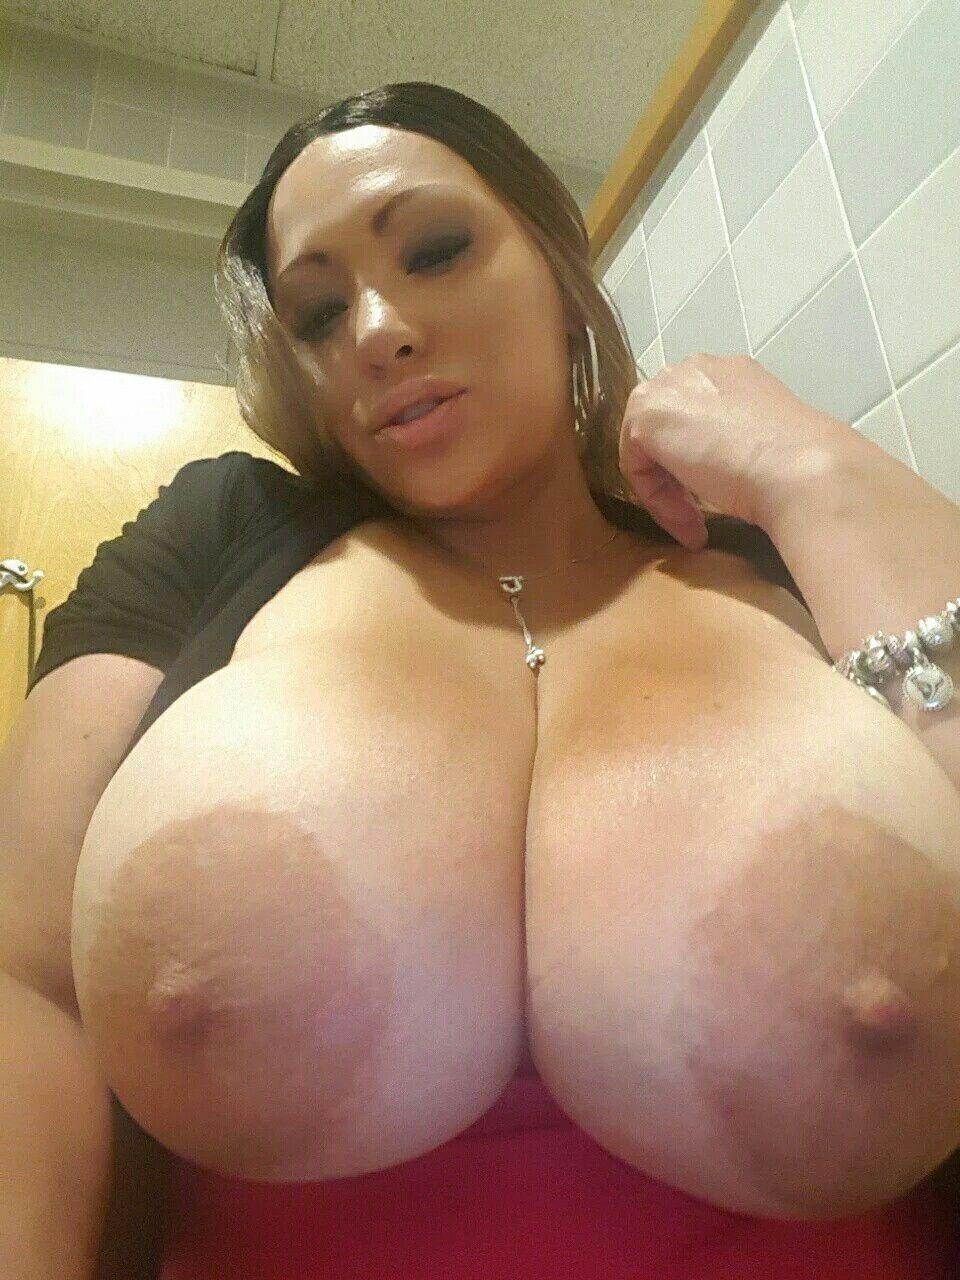 Huge brown nipples